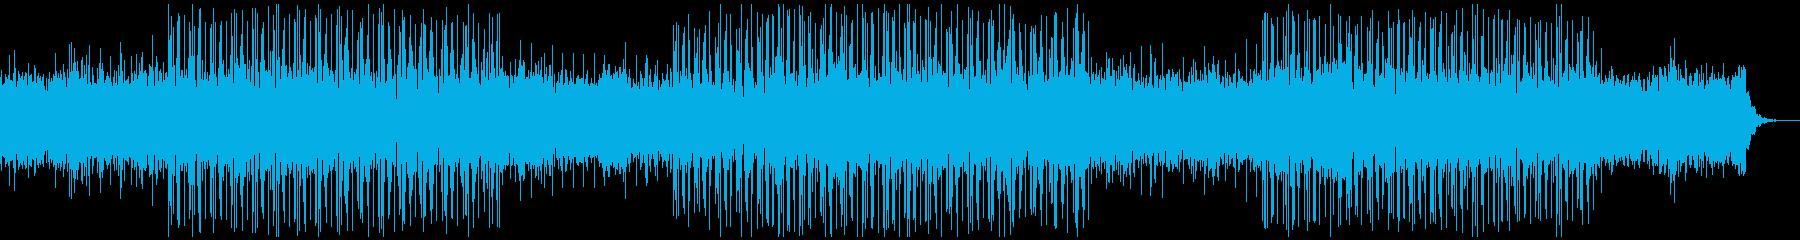 アコースティックピアノの心地よいメ...の再生済みの波形